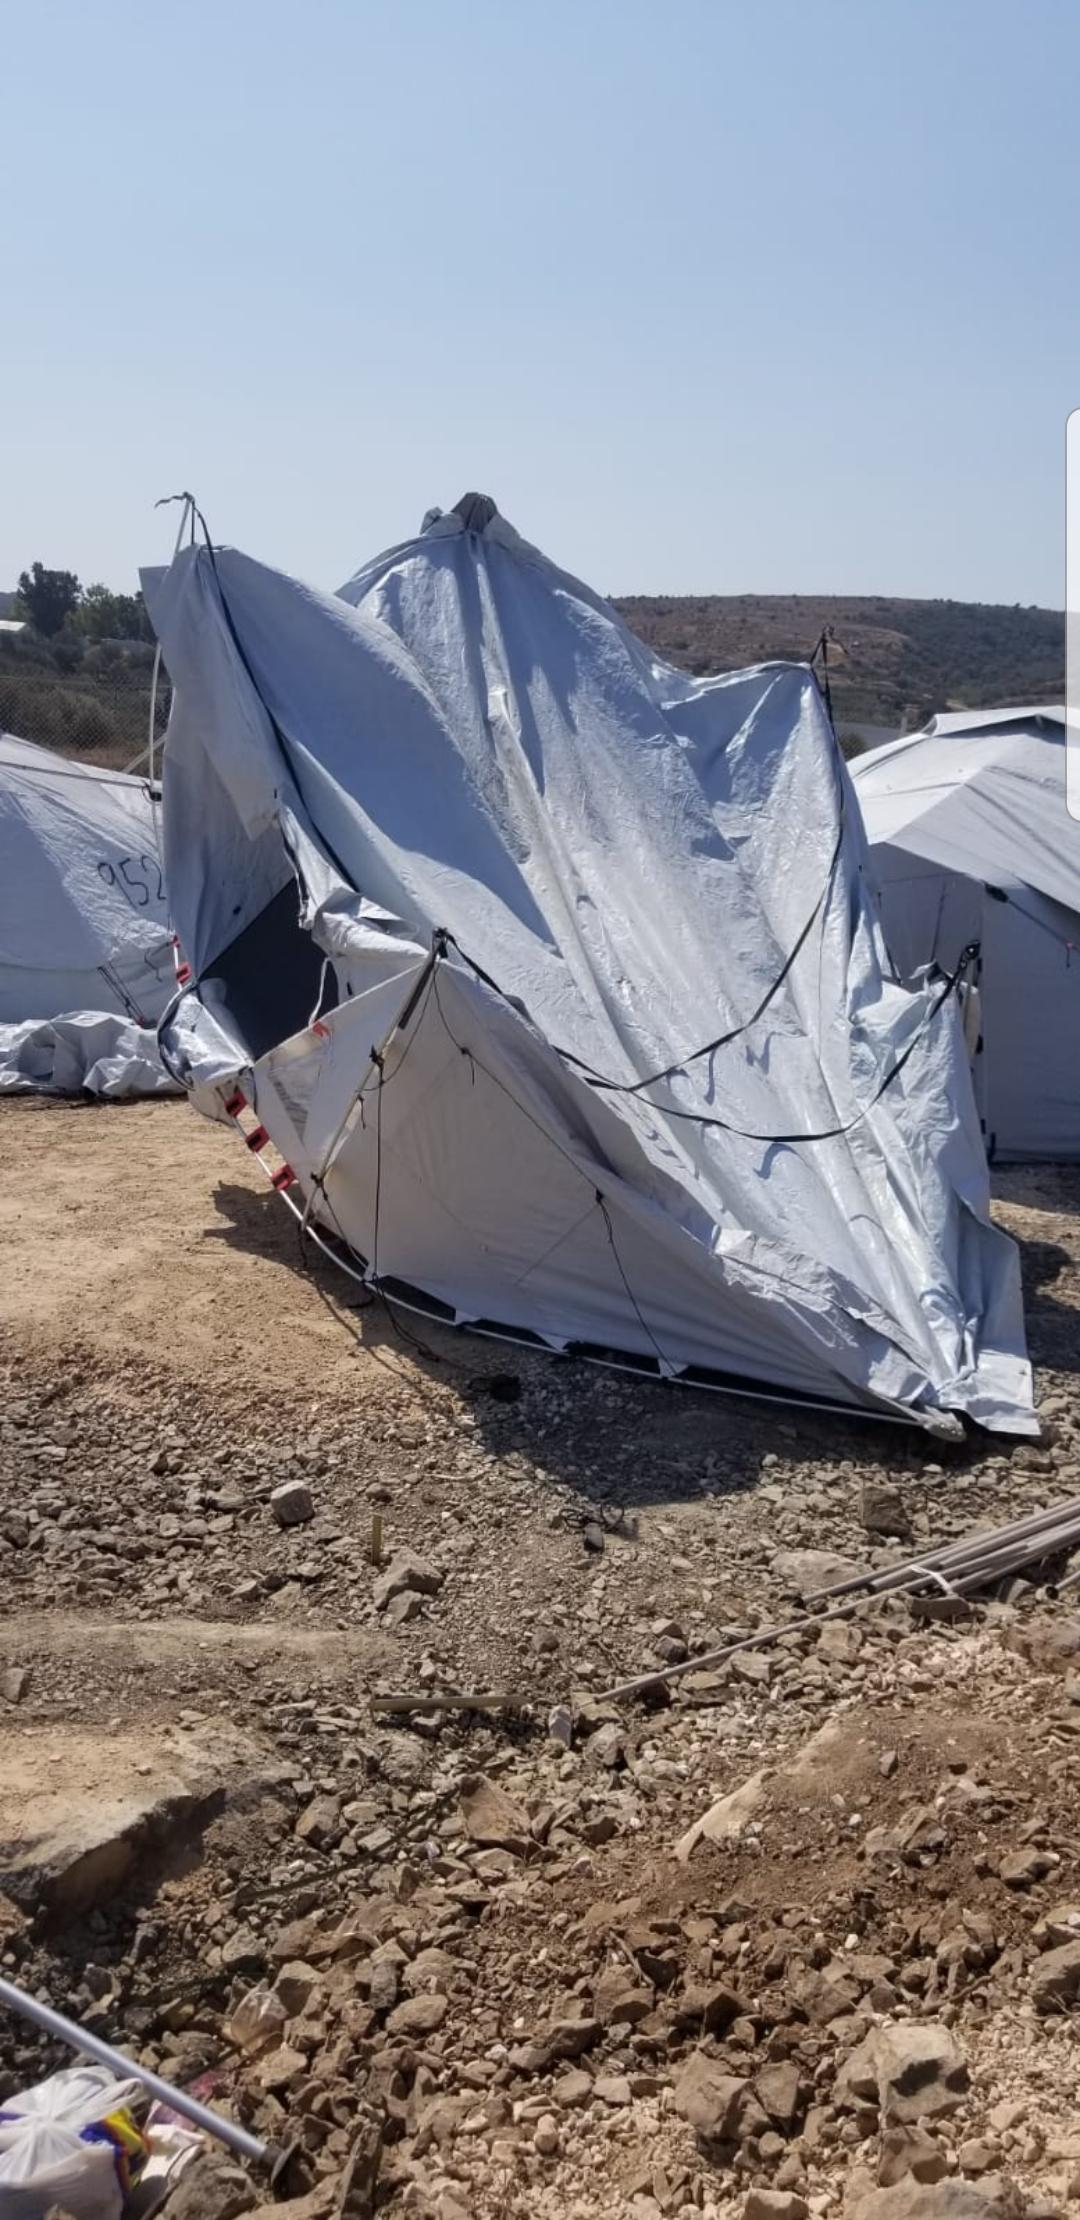 9. Bild: ein vom Wind verwehtes und eingeknicktes Zelt im neuen Lager